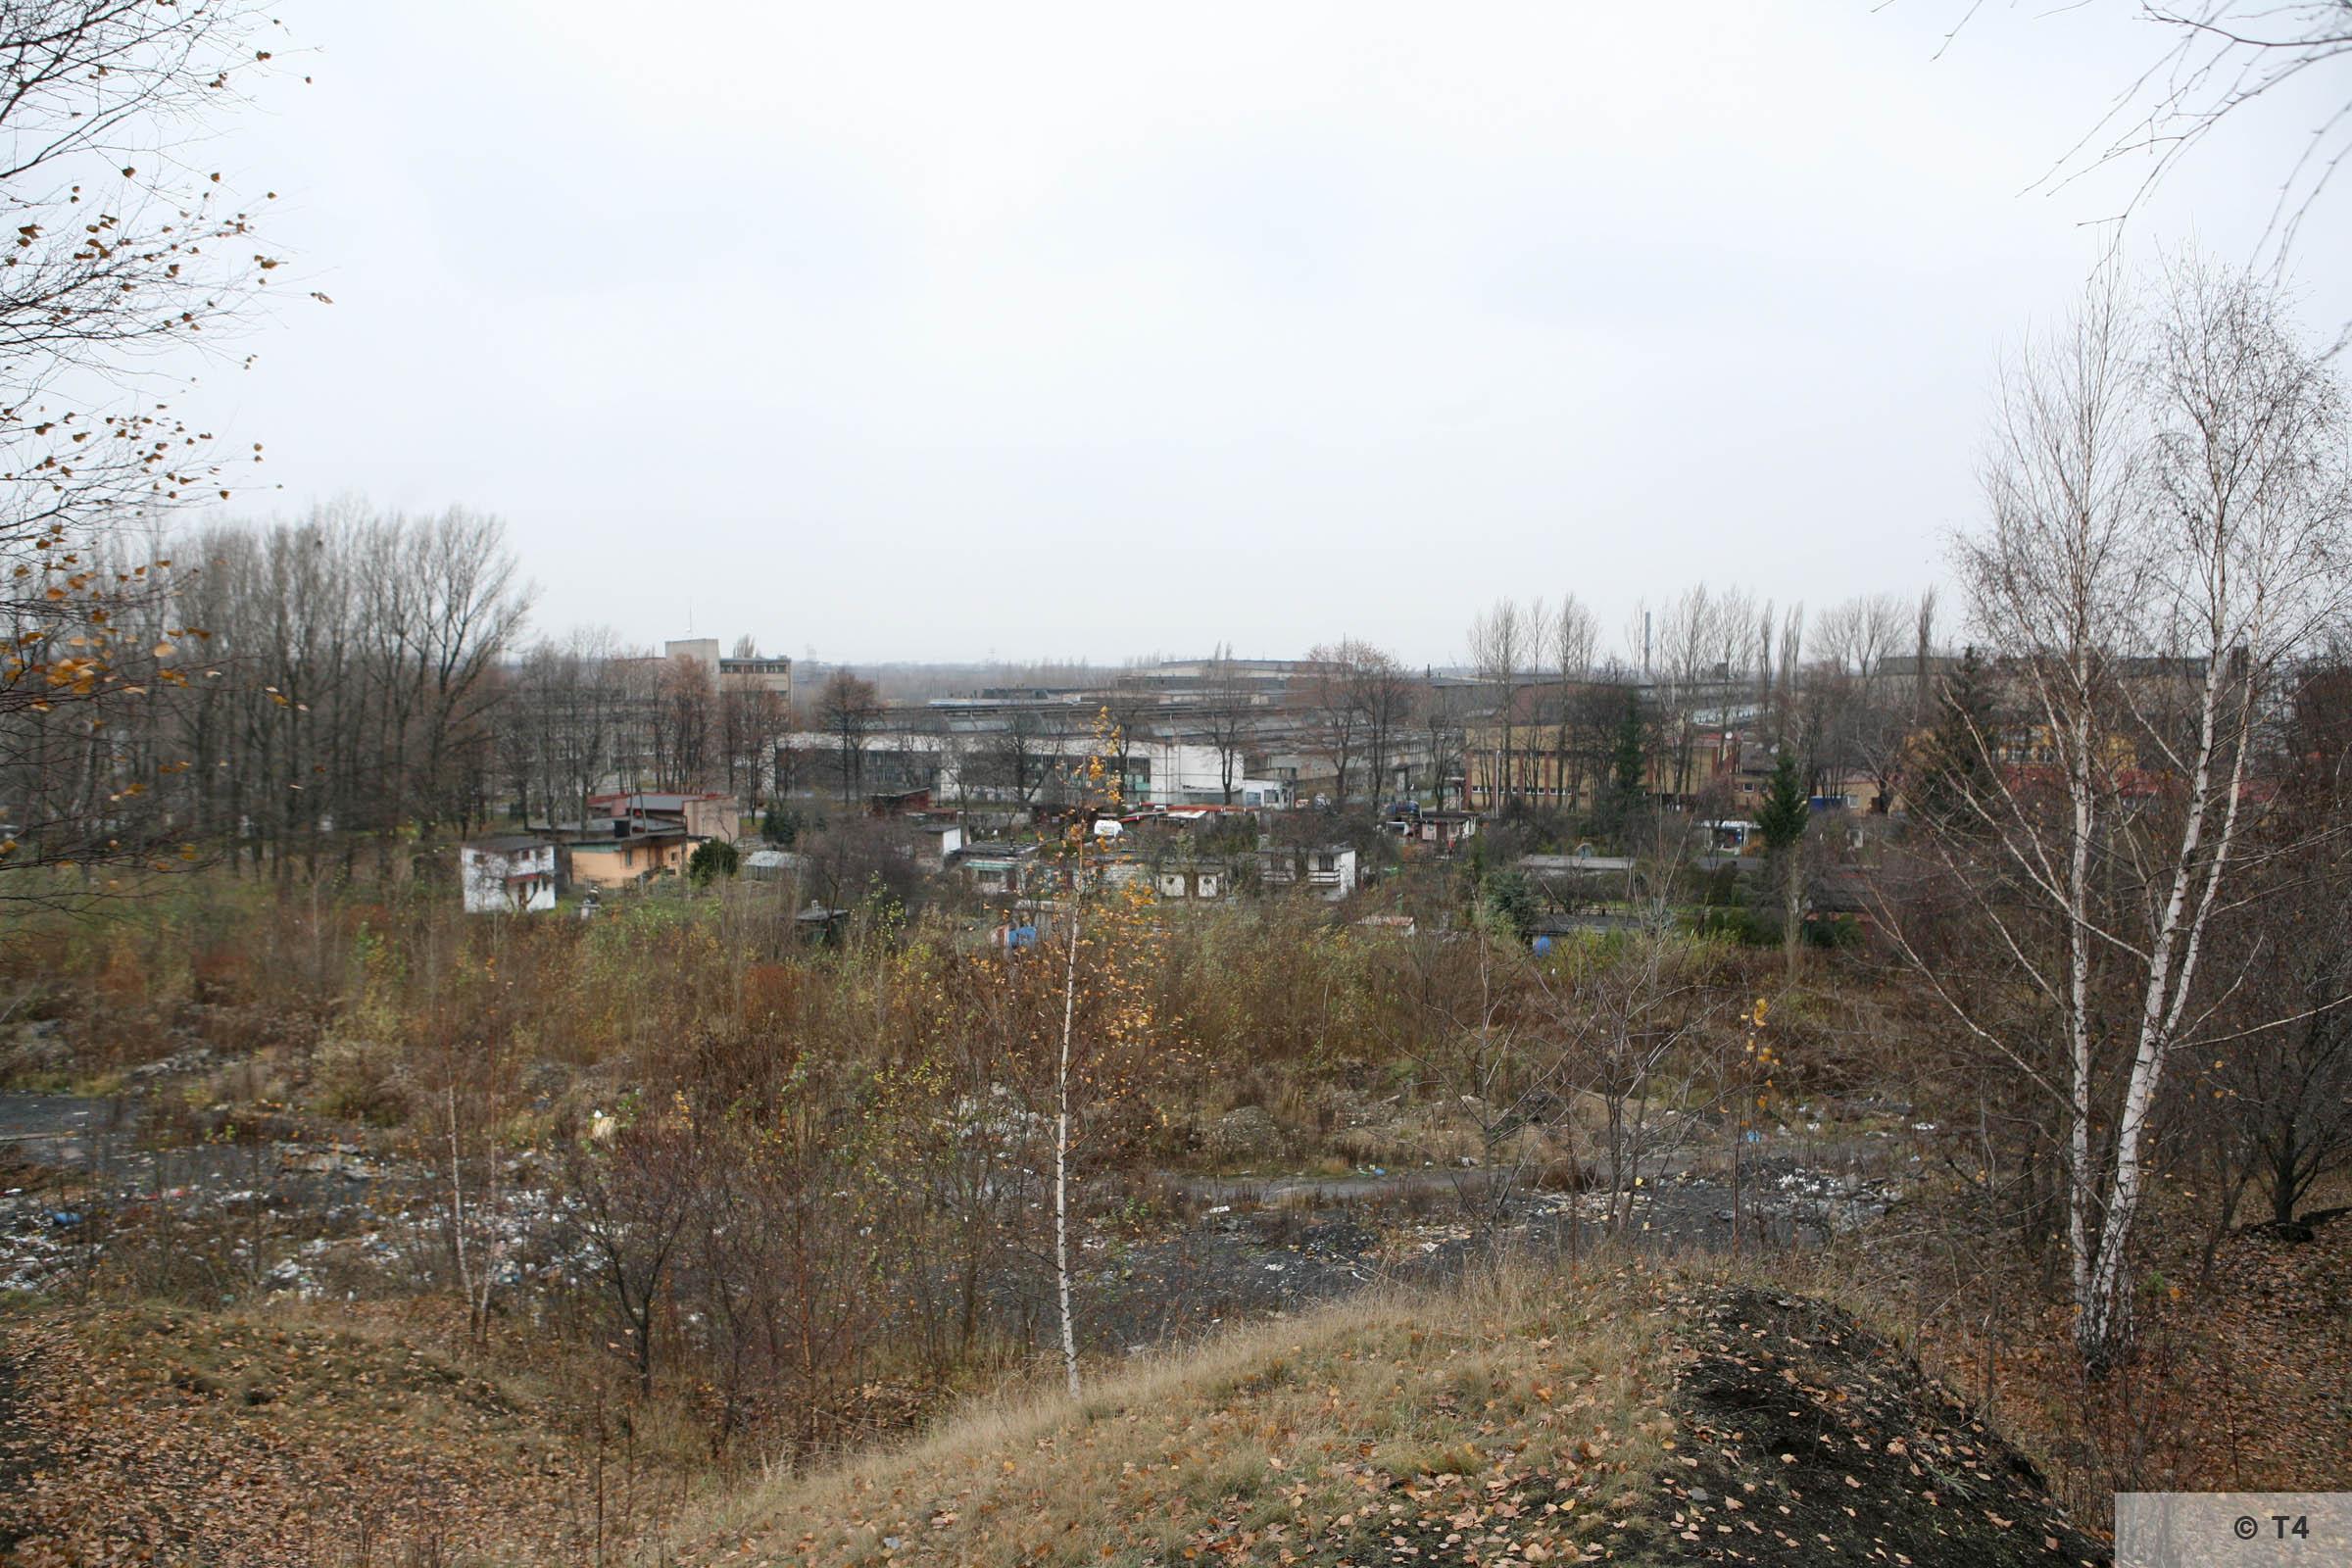 Zgoda steel plant. 2007 T4 3564